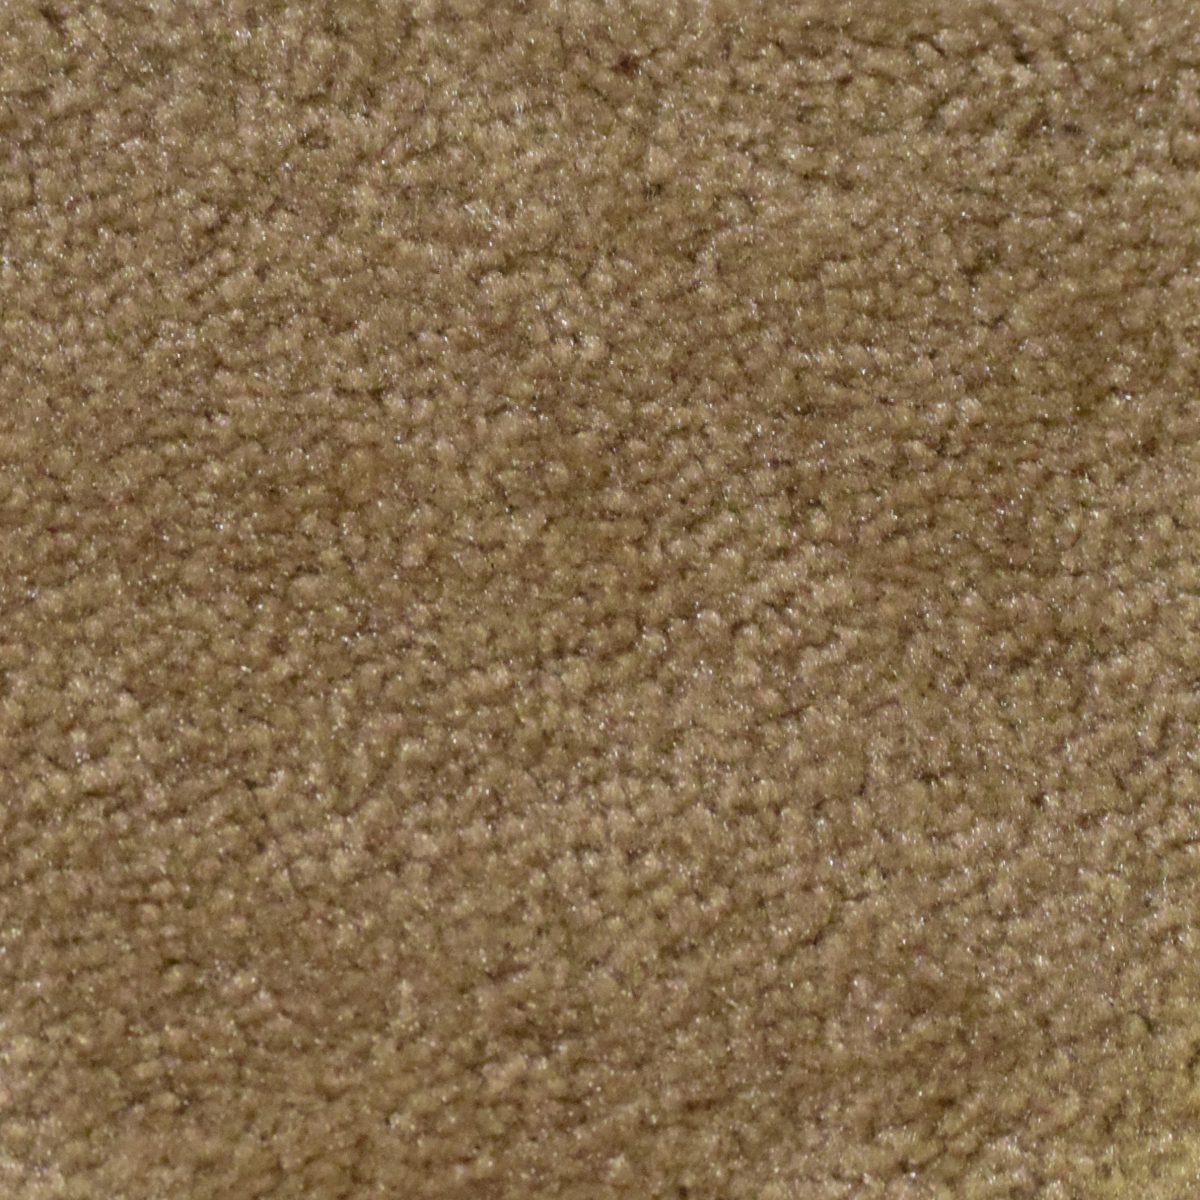 Superior Carpet Flooring Exhibits